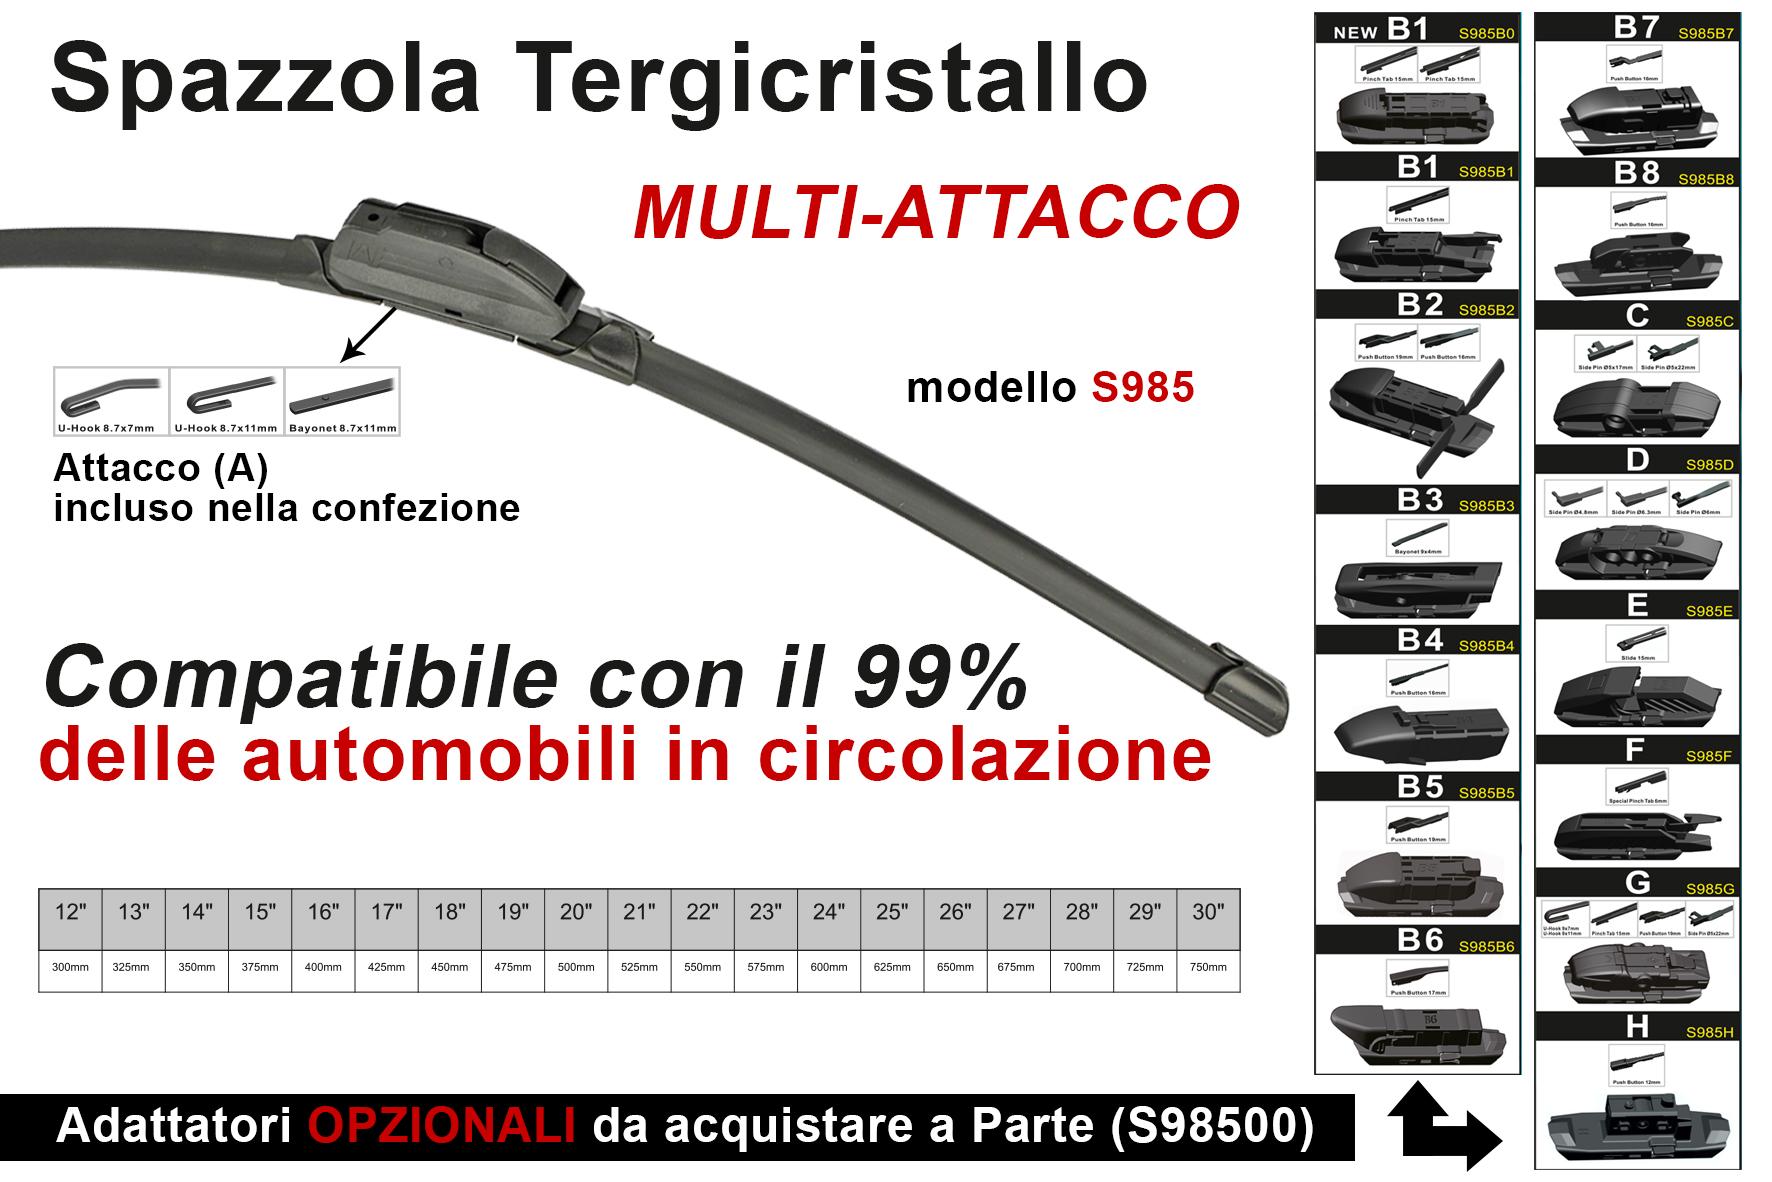 Spazzola Tergicristallo Auto Universale S985 27`` 675mm Carall 16 Attacchi Opzionale - PZ